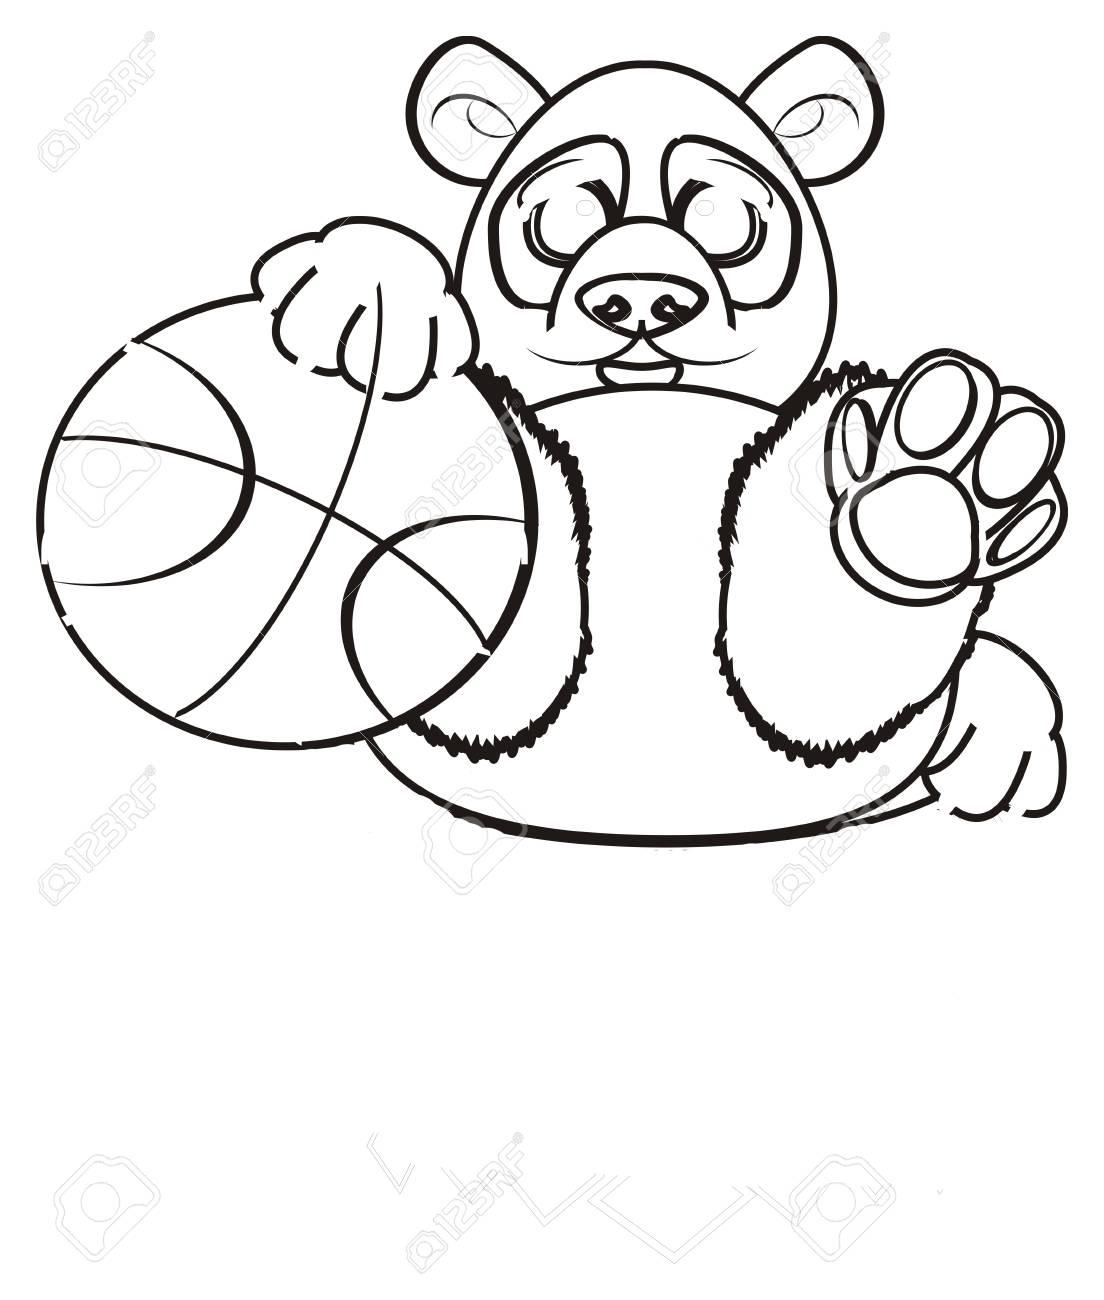 Panda A Colorier Tenir Un Grand Ballon De Basket Banque D Images Et Photos Libres De Droits Image 62051297